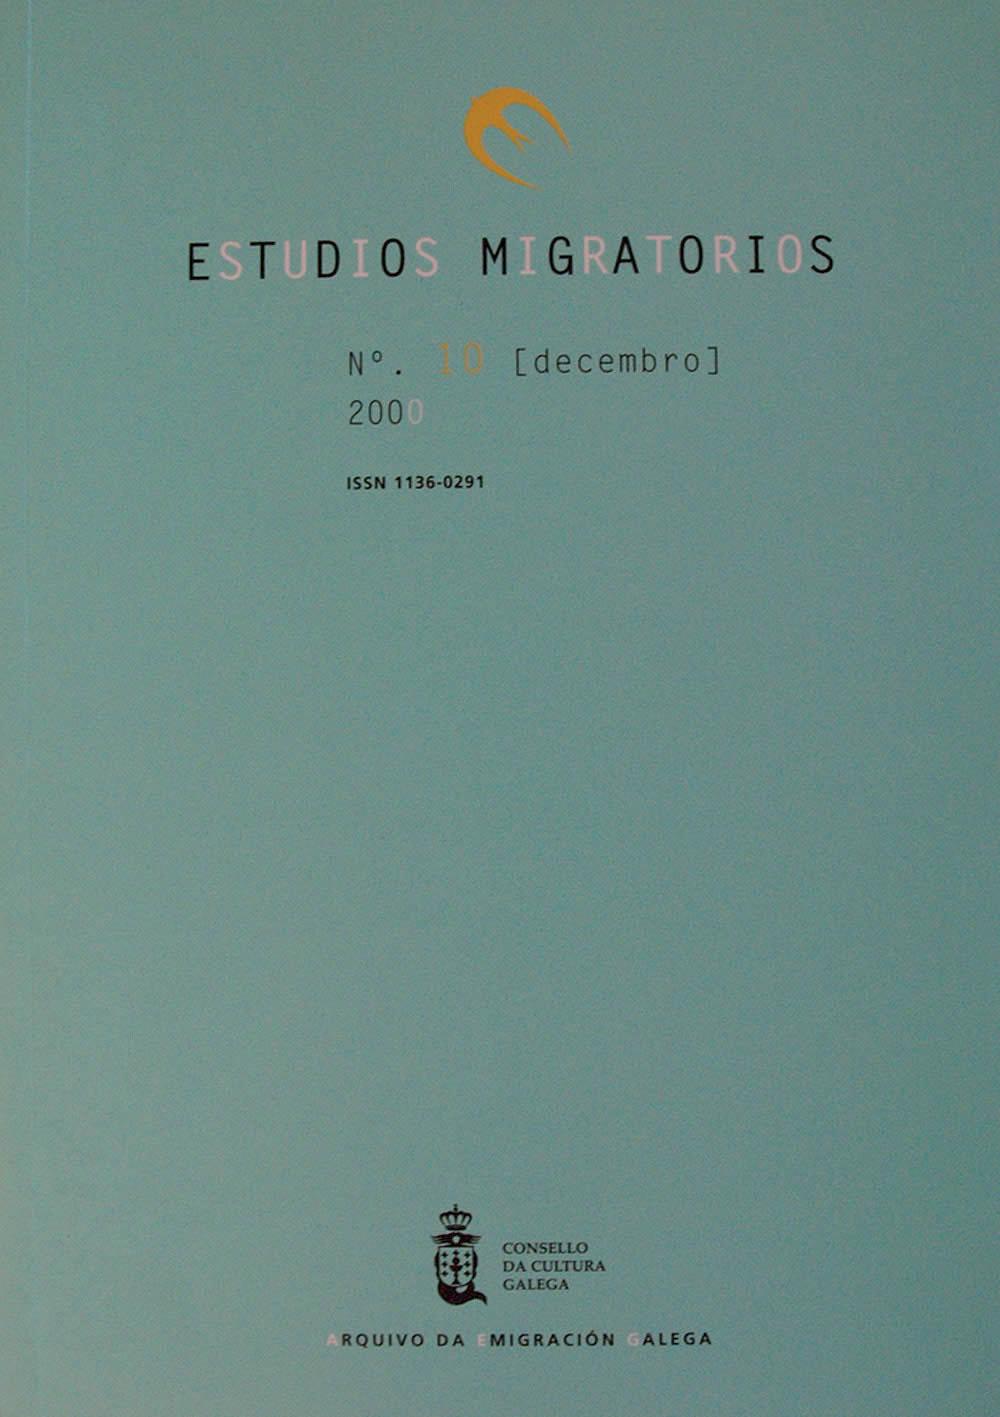 Portada de  Estudios Migratorios N.º 10 (decembro 2000)